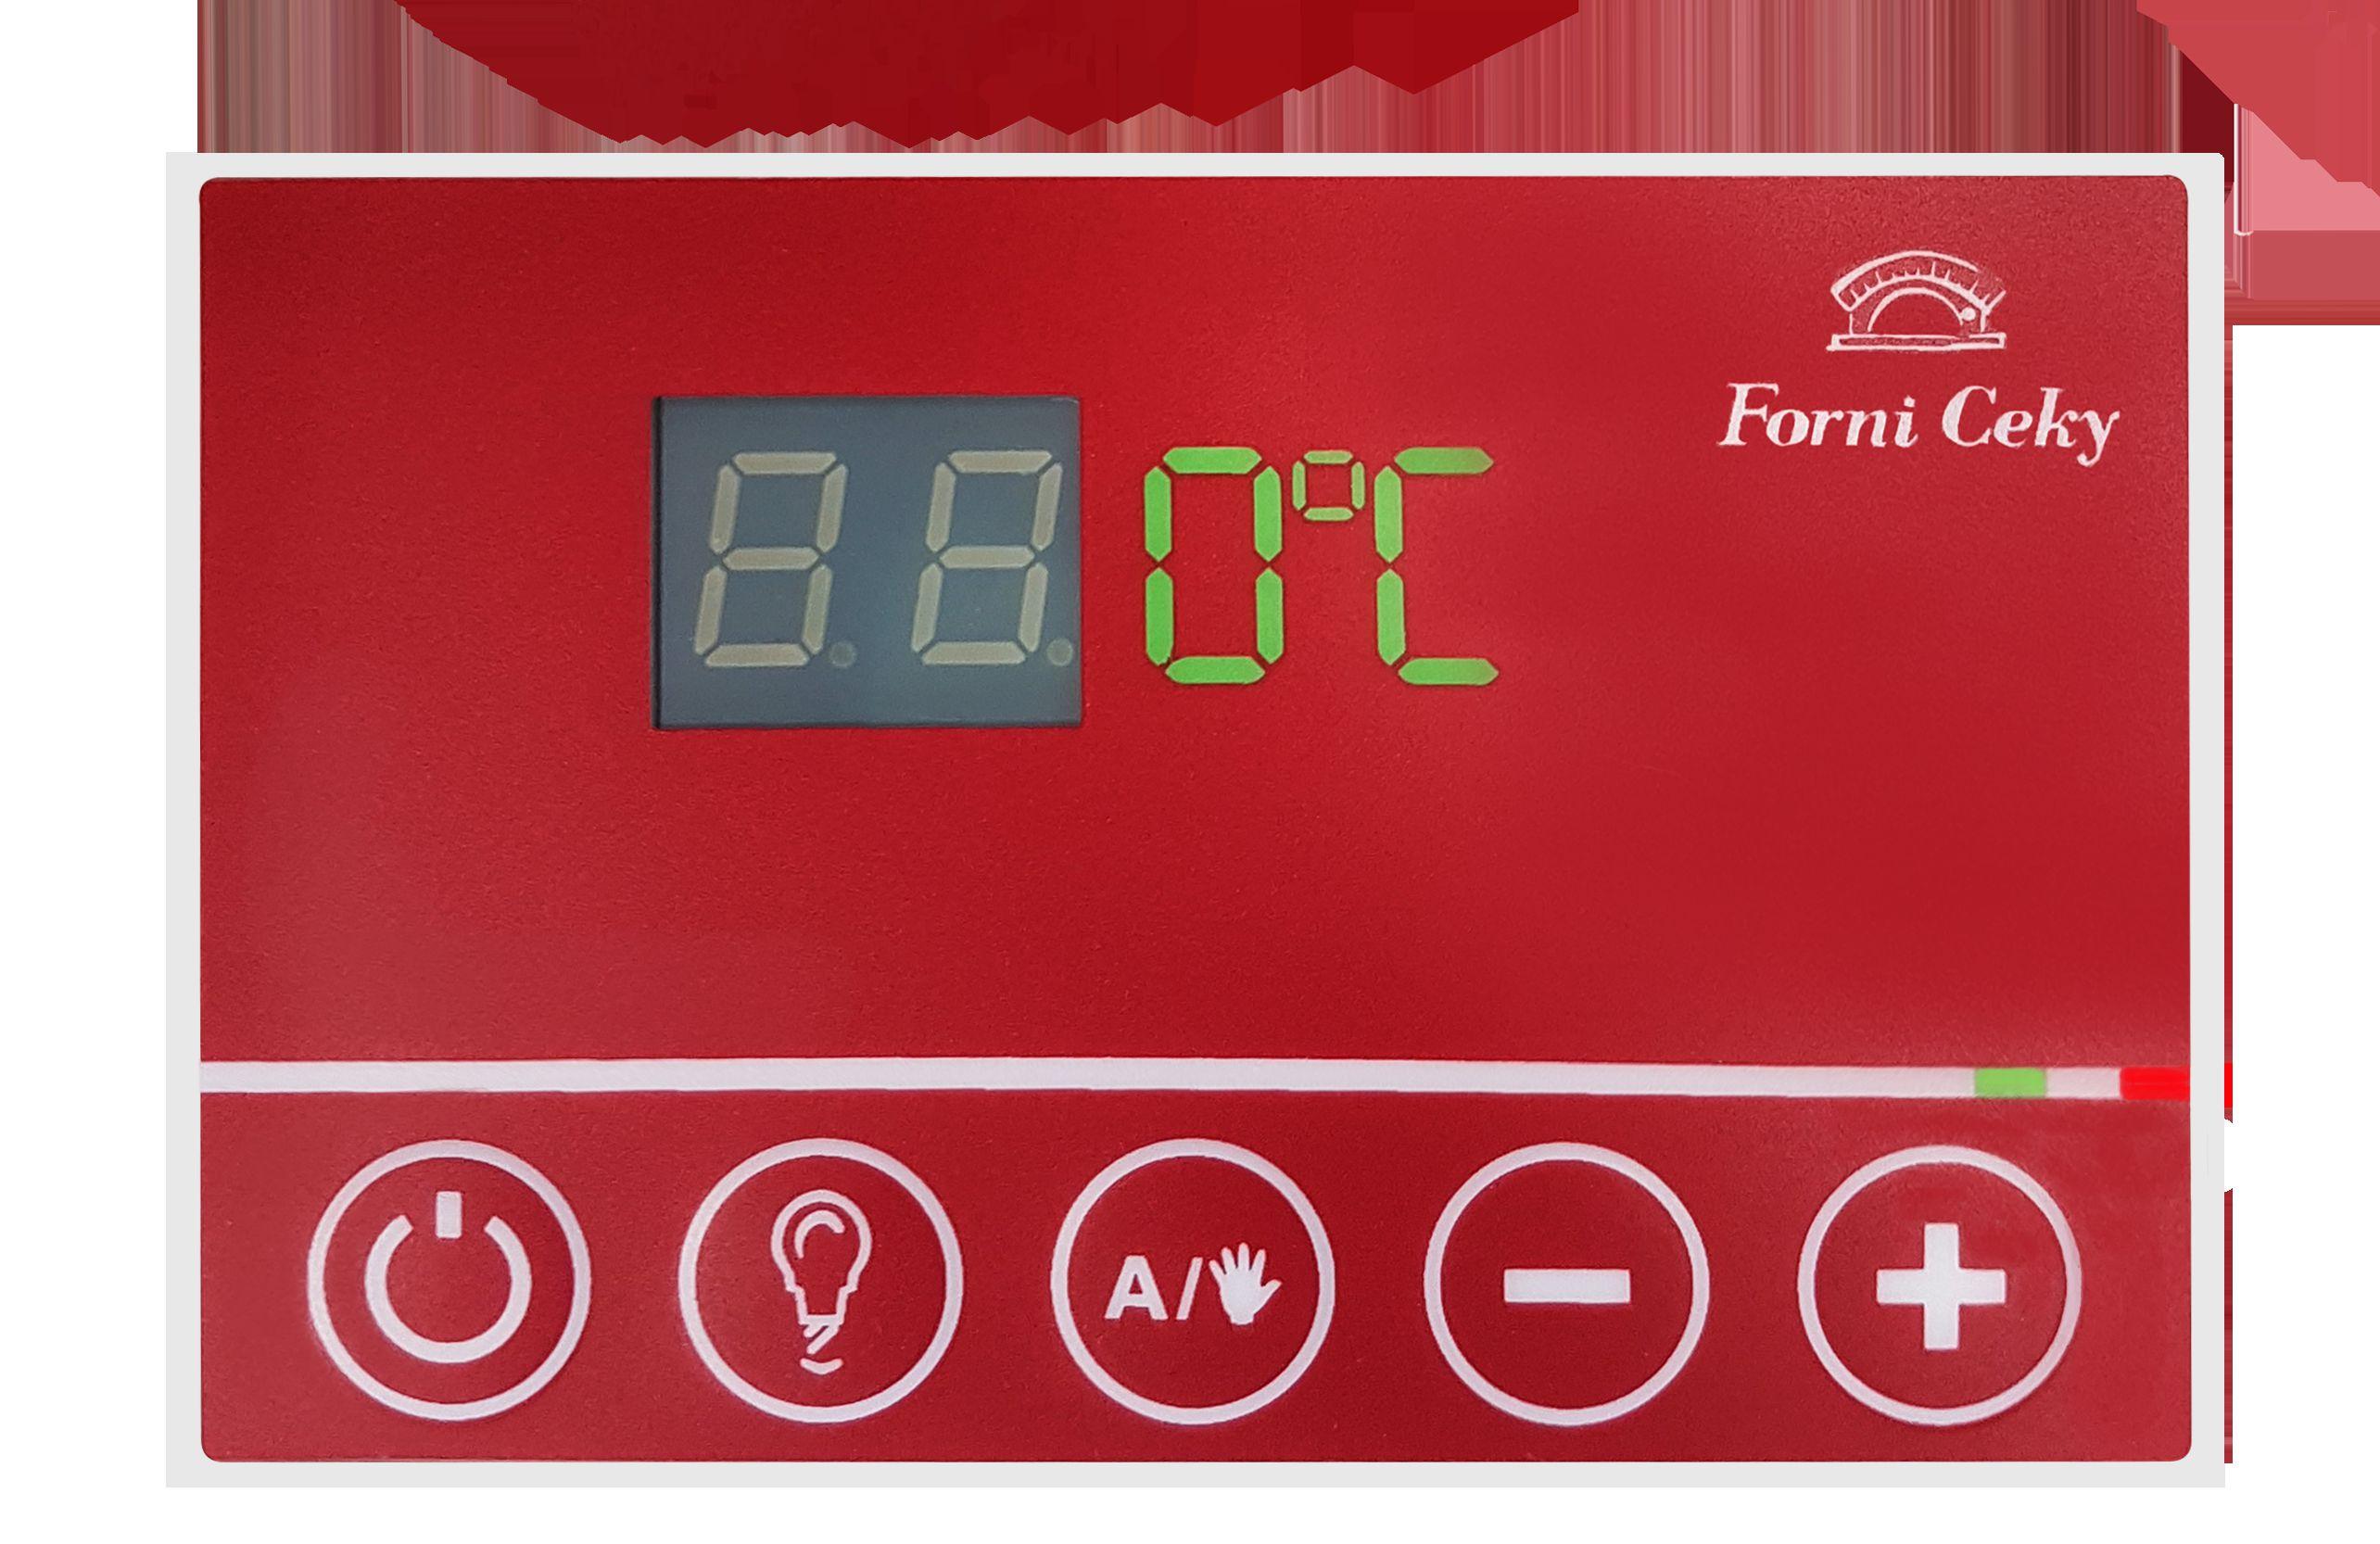 controllo temperatura forno